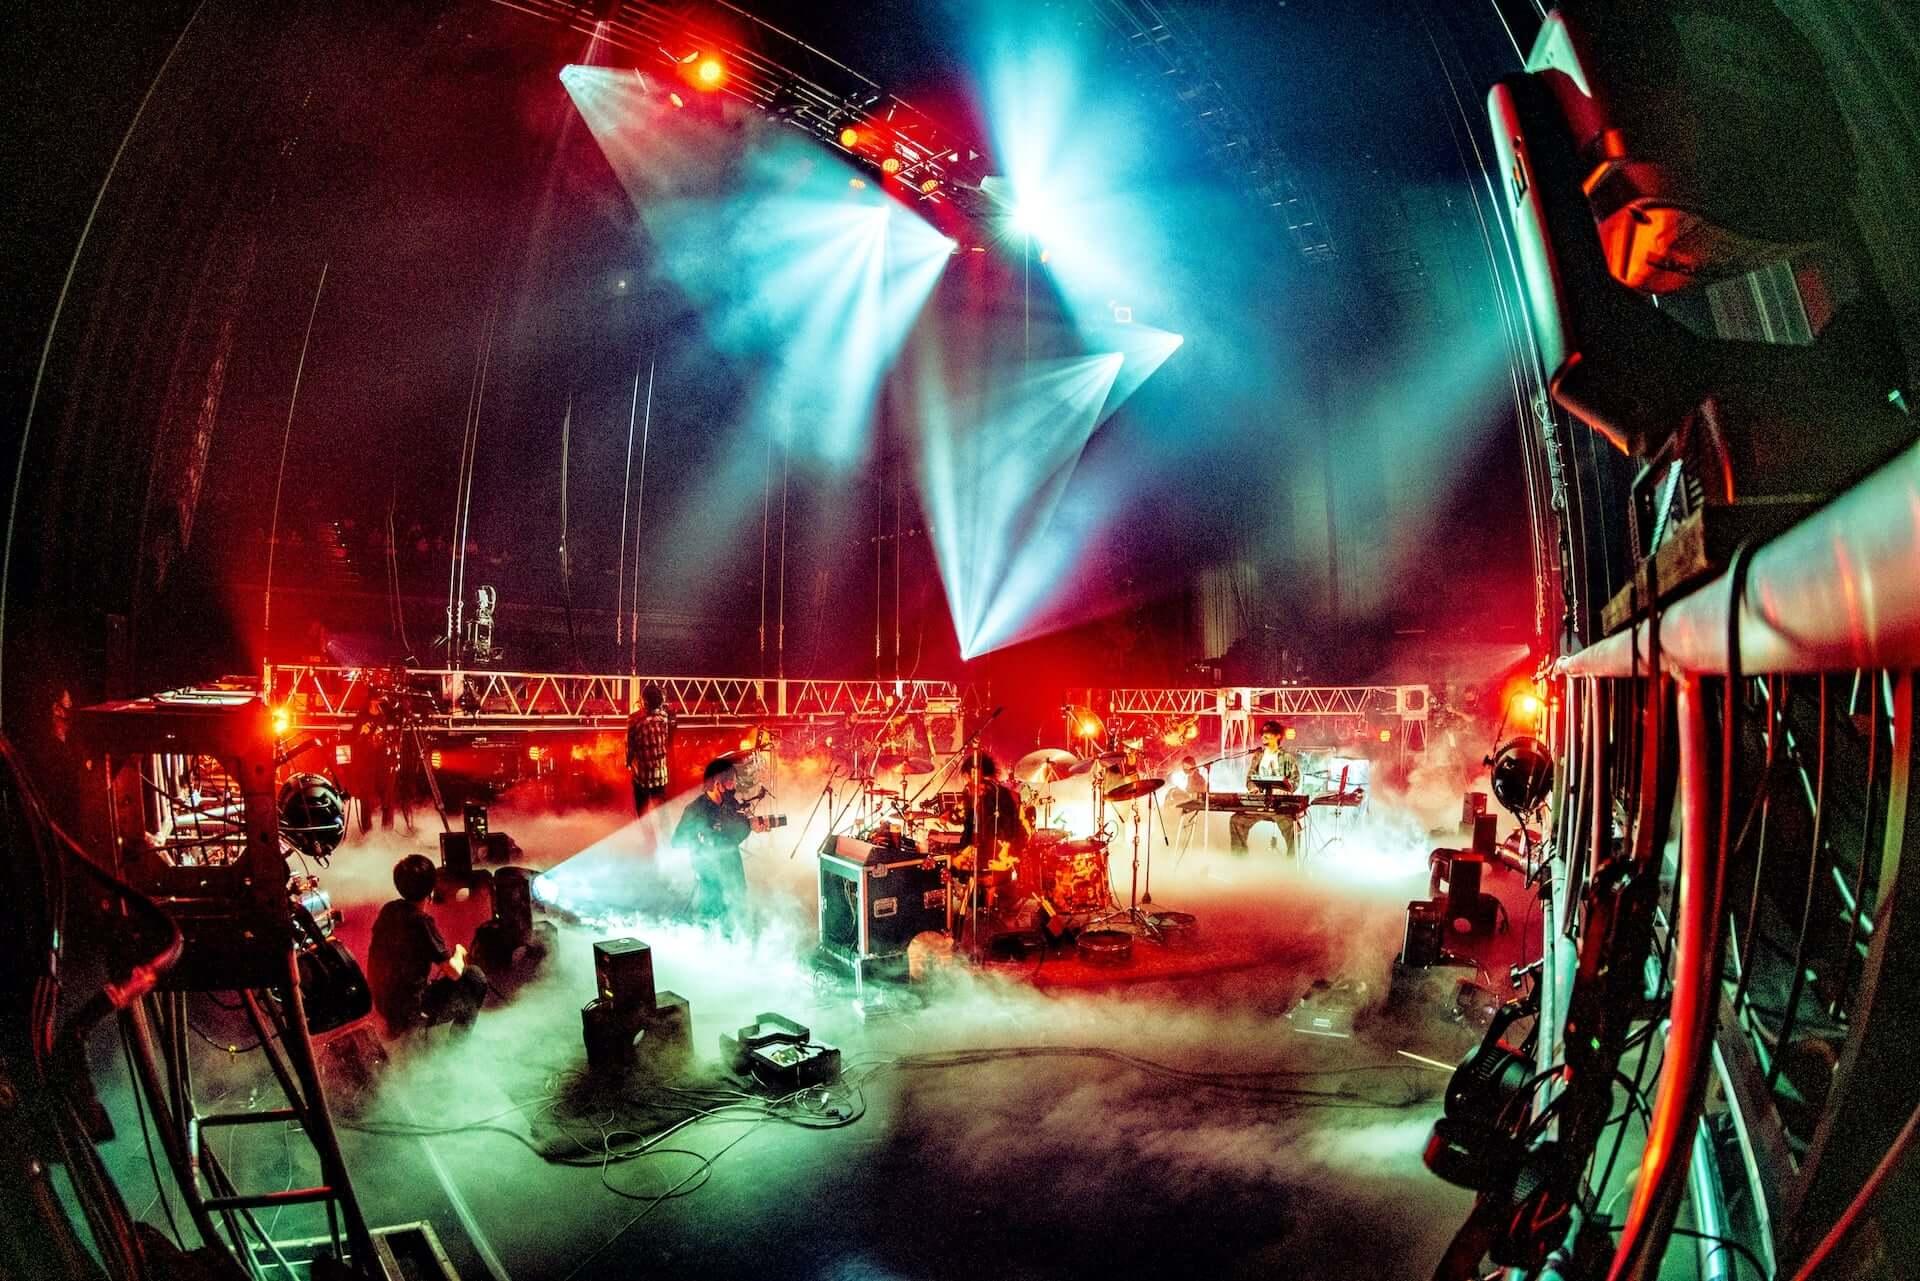 King Gnuがバンド初の配信ライブ<King Gnu Streaming Live>を実施!ライブレポートが到着 music200831_kinggnu-live_1-1920x1281